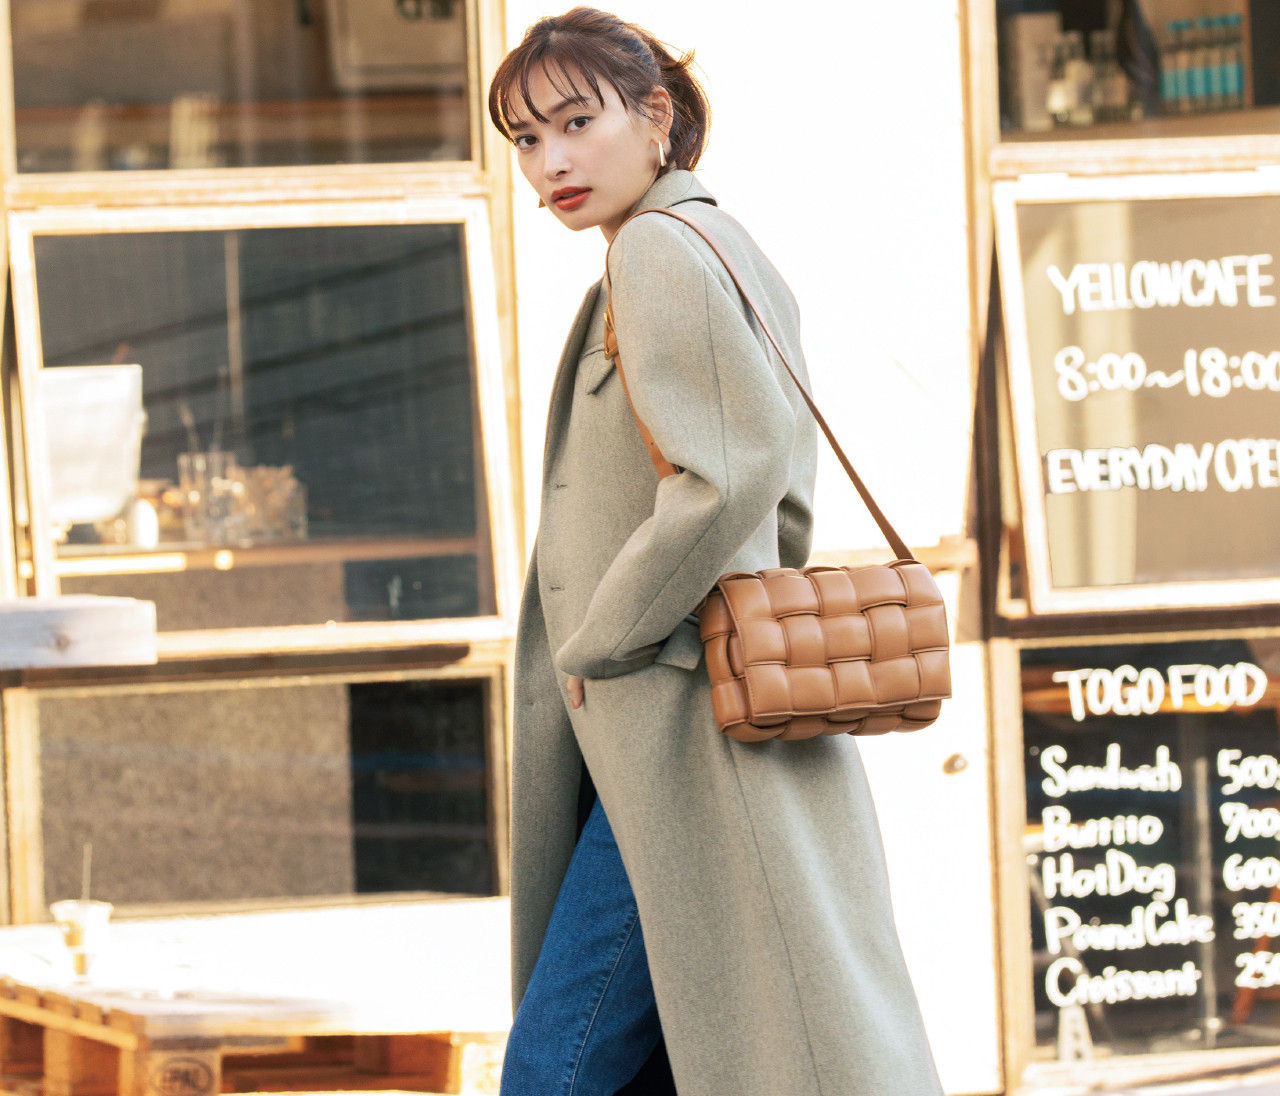 【ボッテガ・ヴェネタまとめ】バッグや小物、おしゃれプロが続々買ってる!そのワケは?